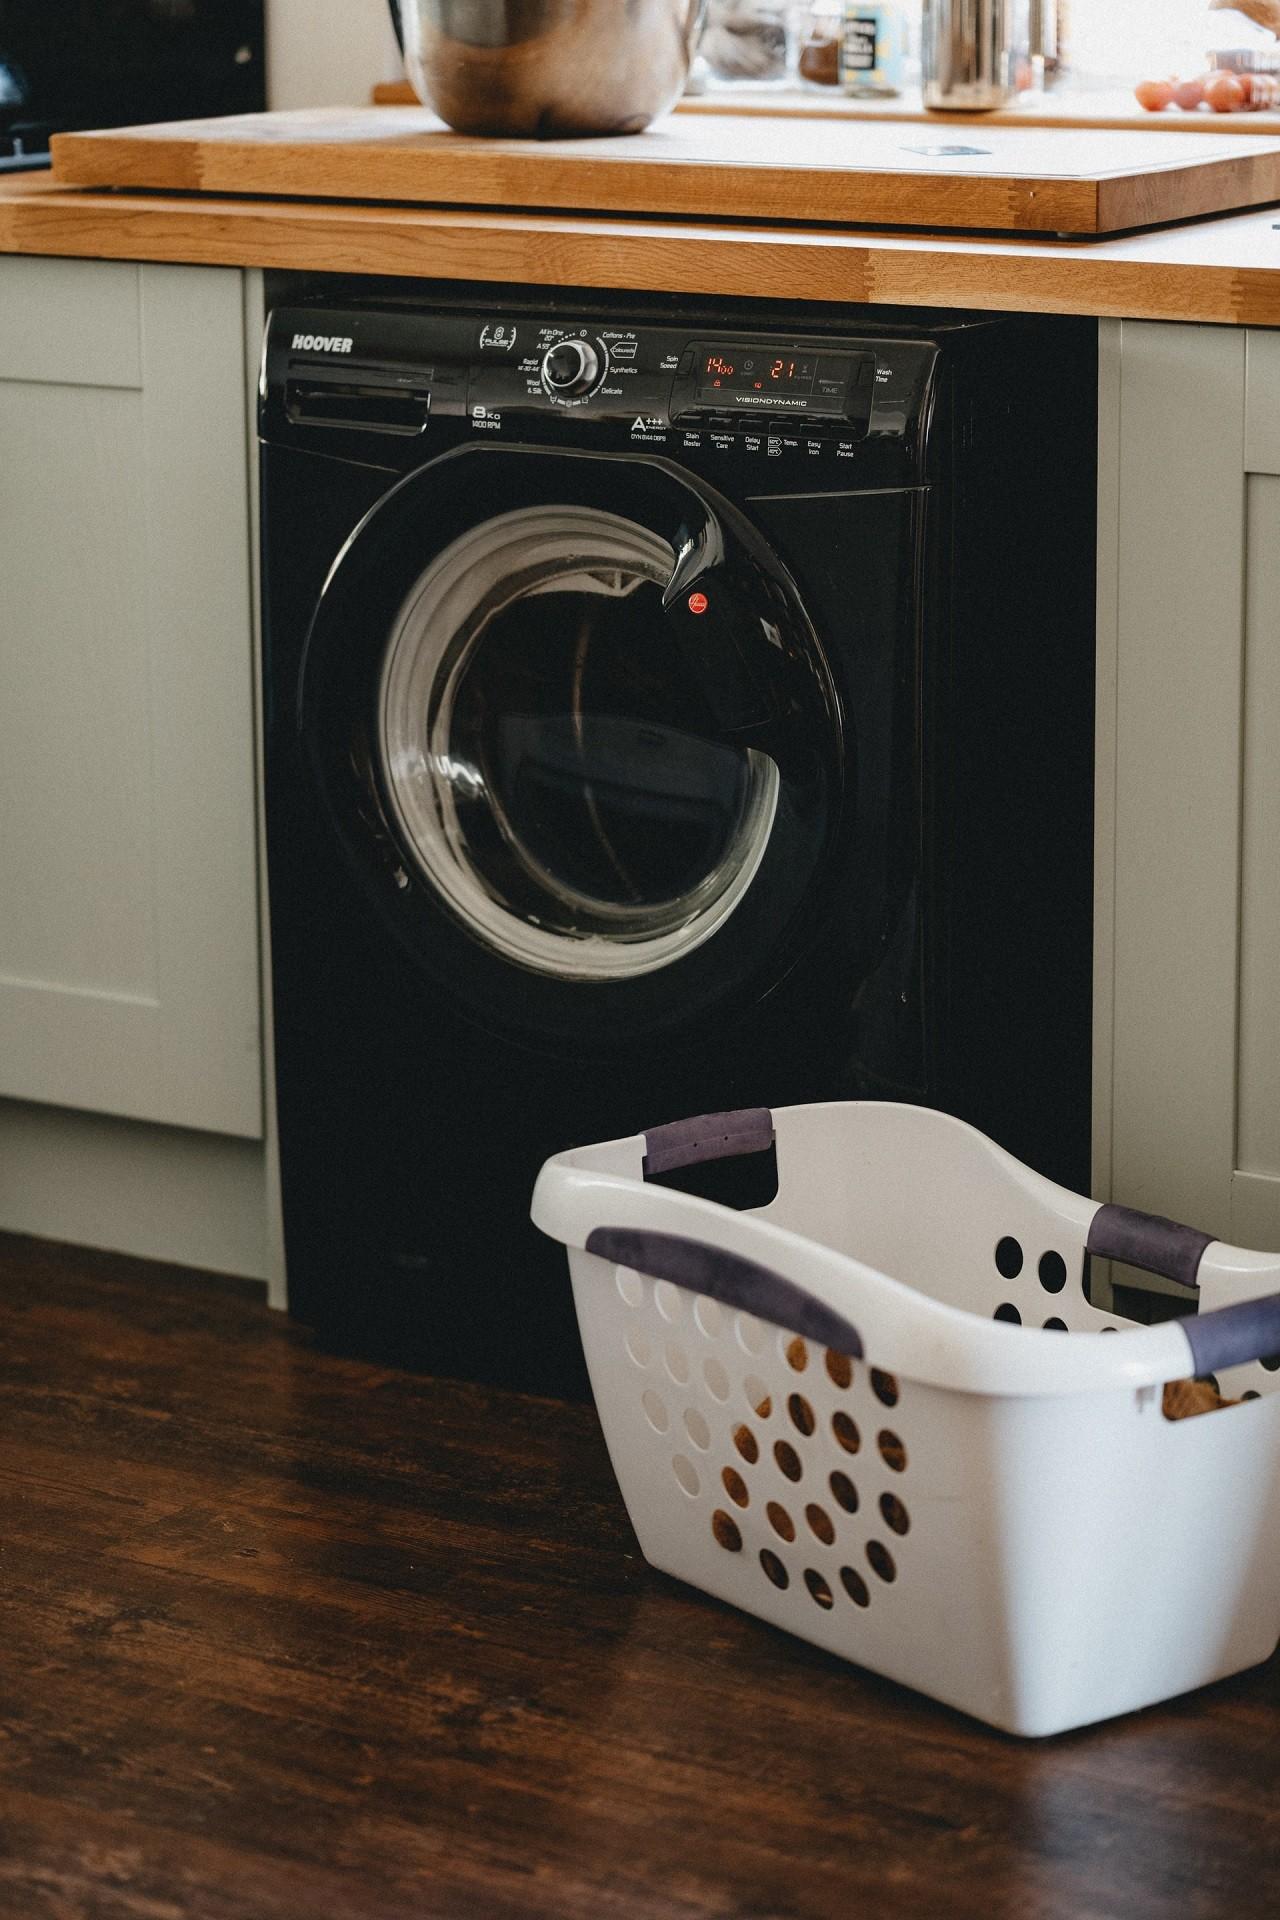 Waschmaschinen 10 kg haben viele Hersteller im Angebot. Es muss nicht immer ein Markengerät sein.